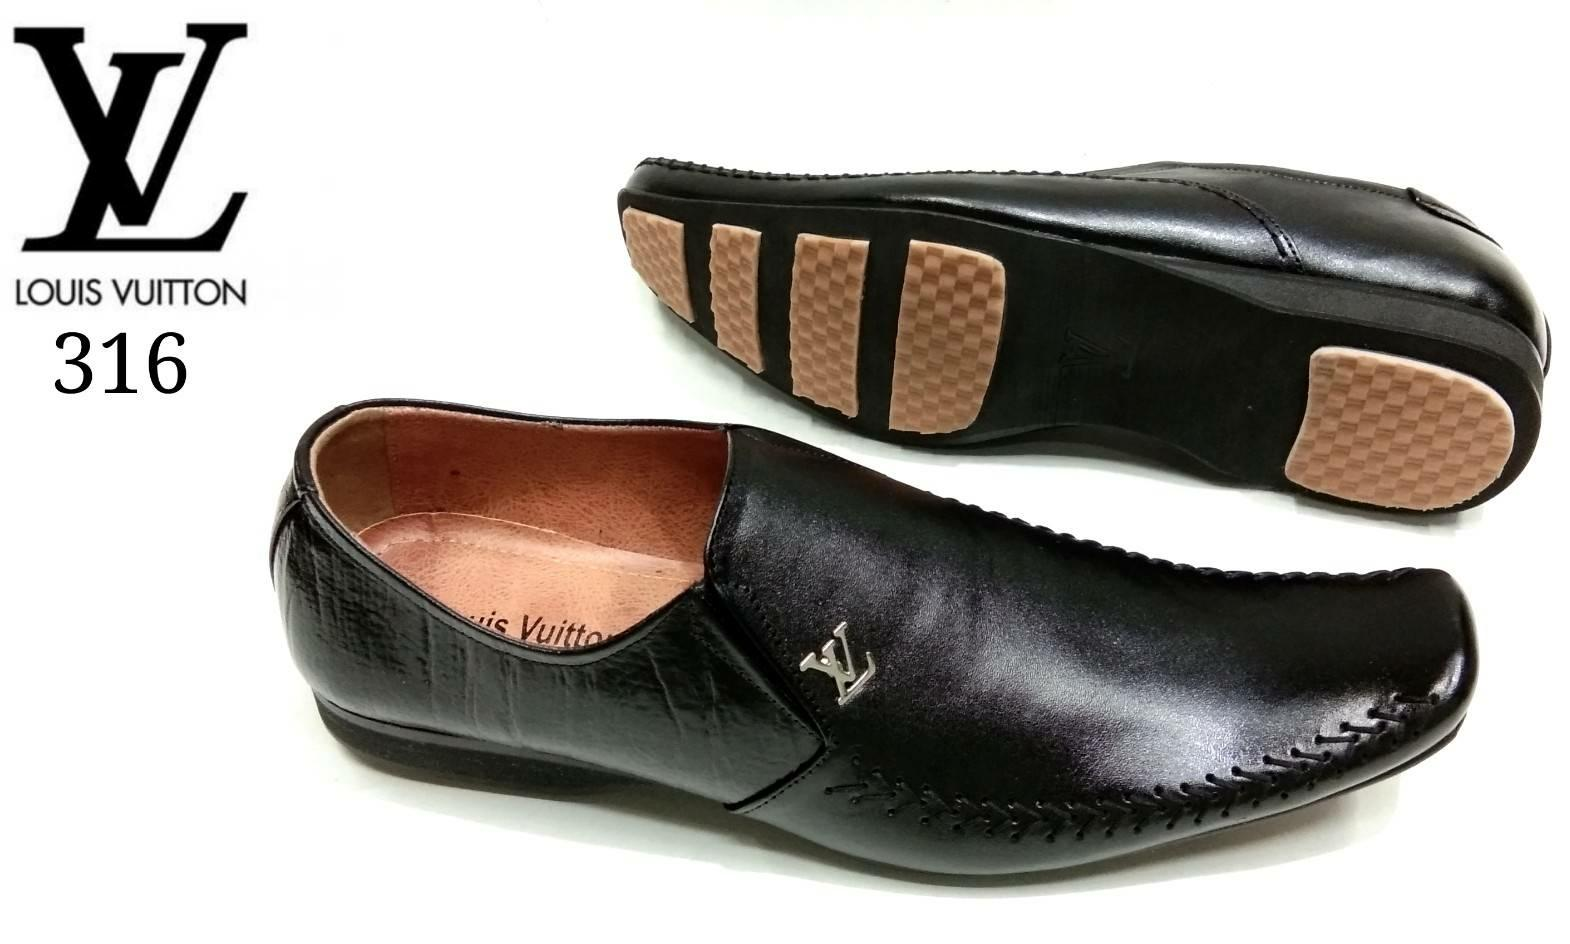 Pantofel LV 316 sepatu kerja sepatu formal pria pantopel pria #bally#kickers#louisvuitton